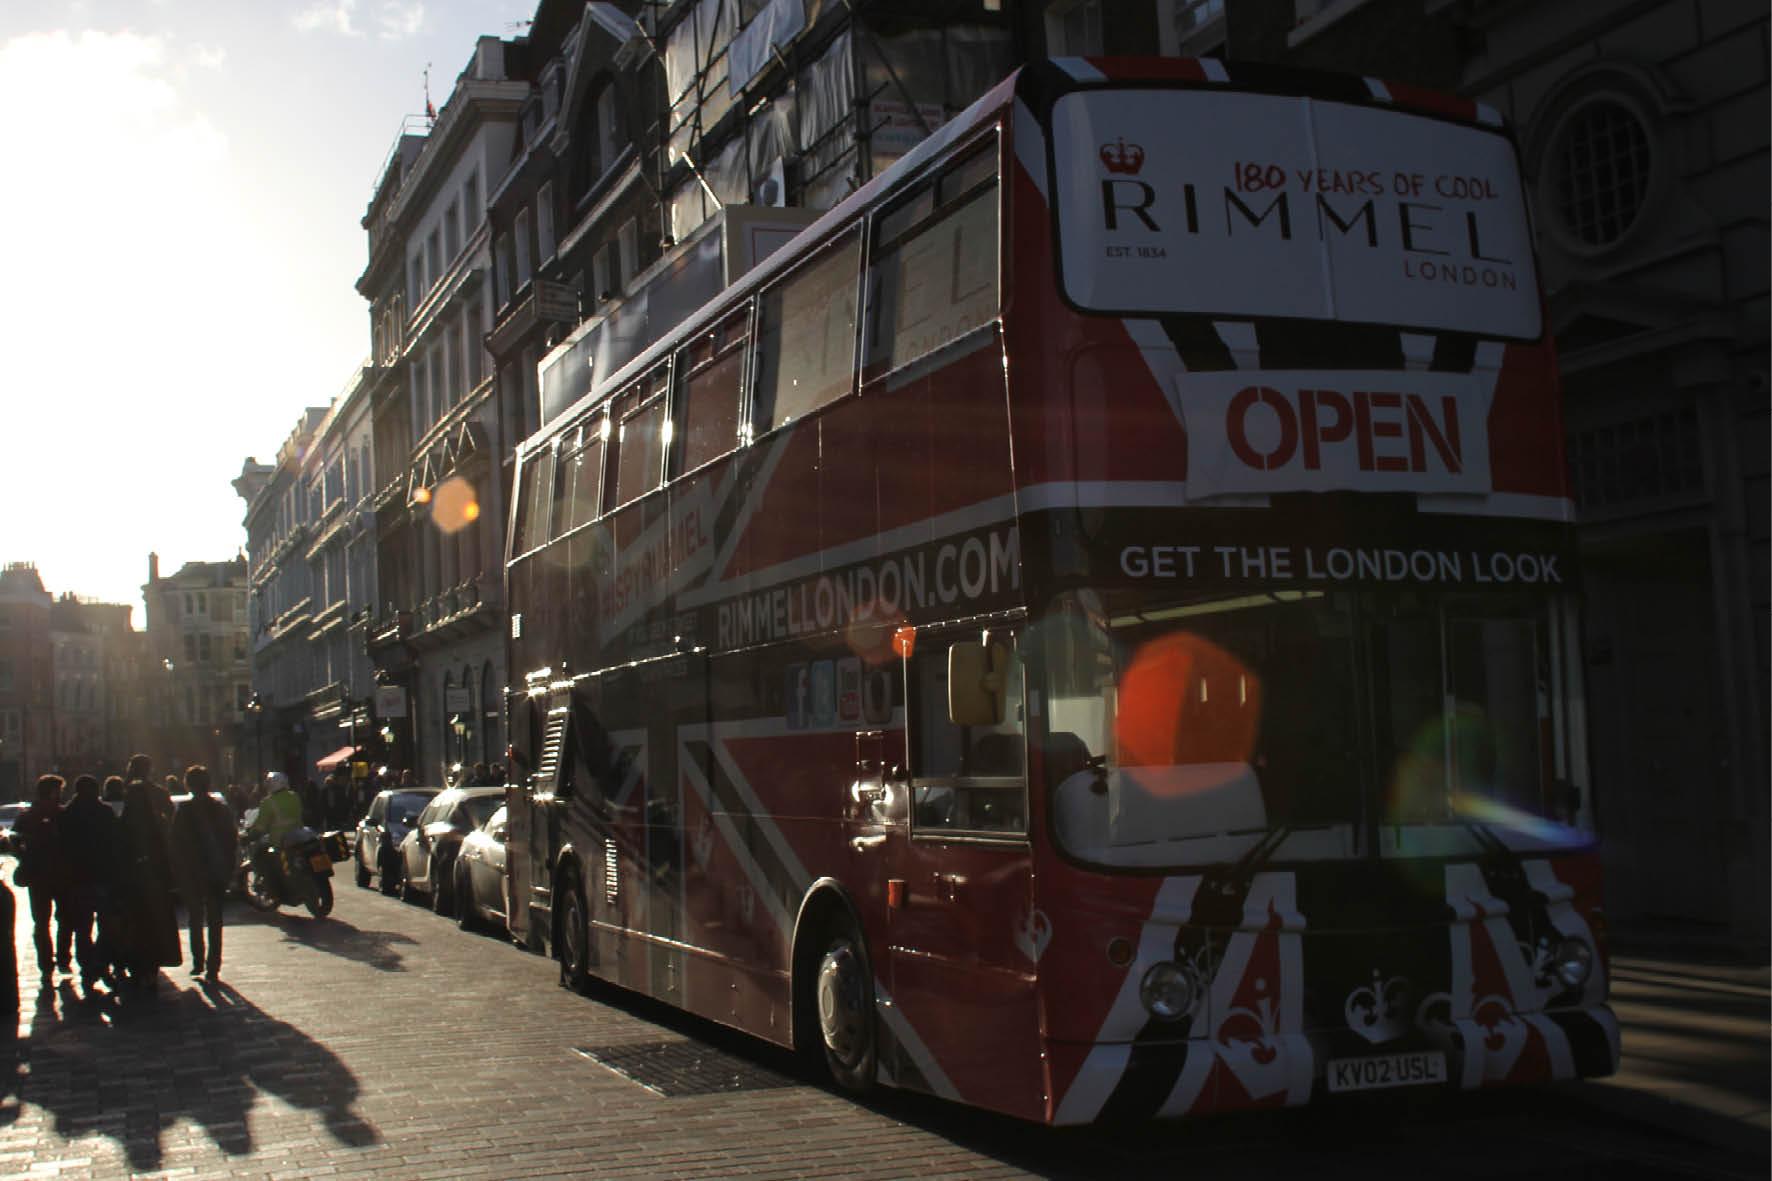 bus_business_rimmel_2018_4.jpg